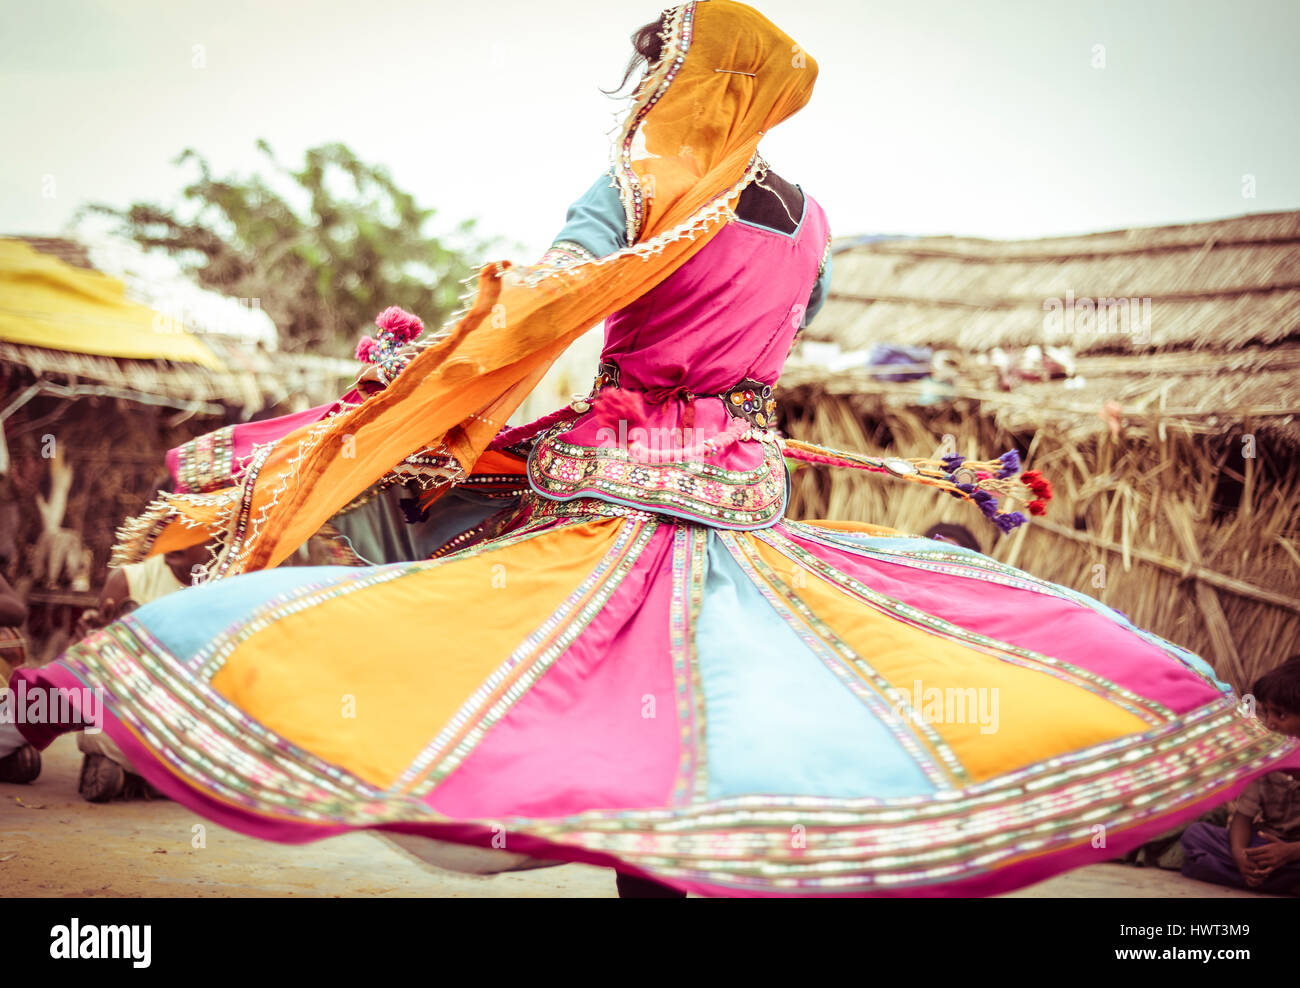 Frau in traditioneller Kleidung tanzen auf Feld Stockbild